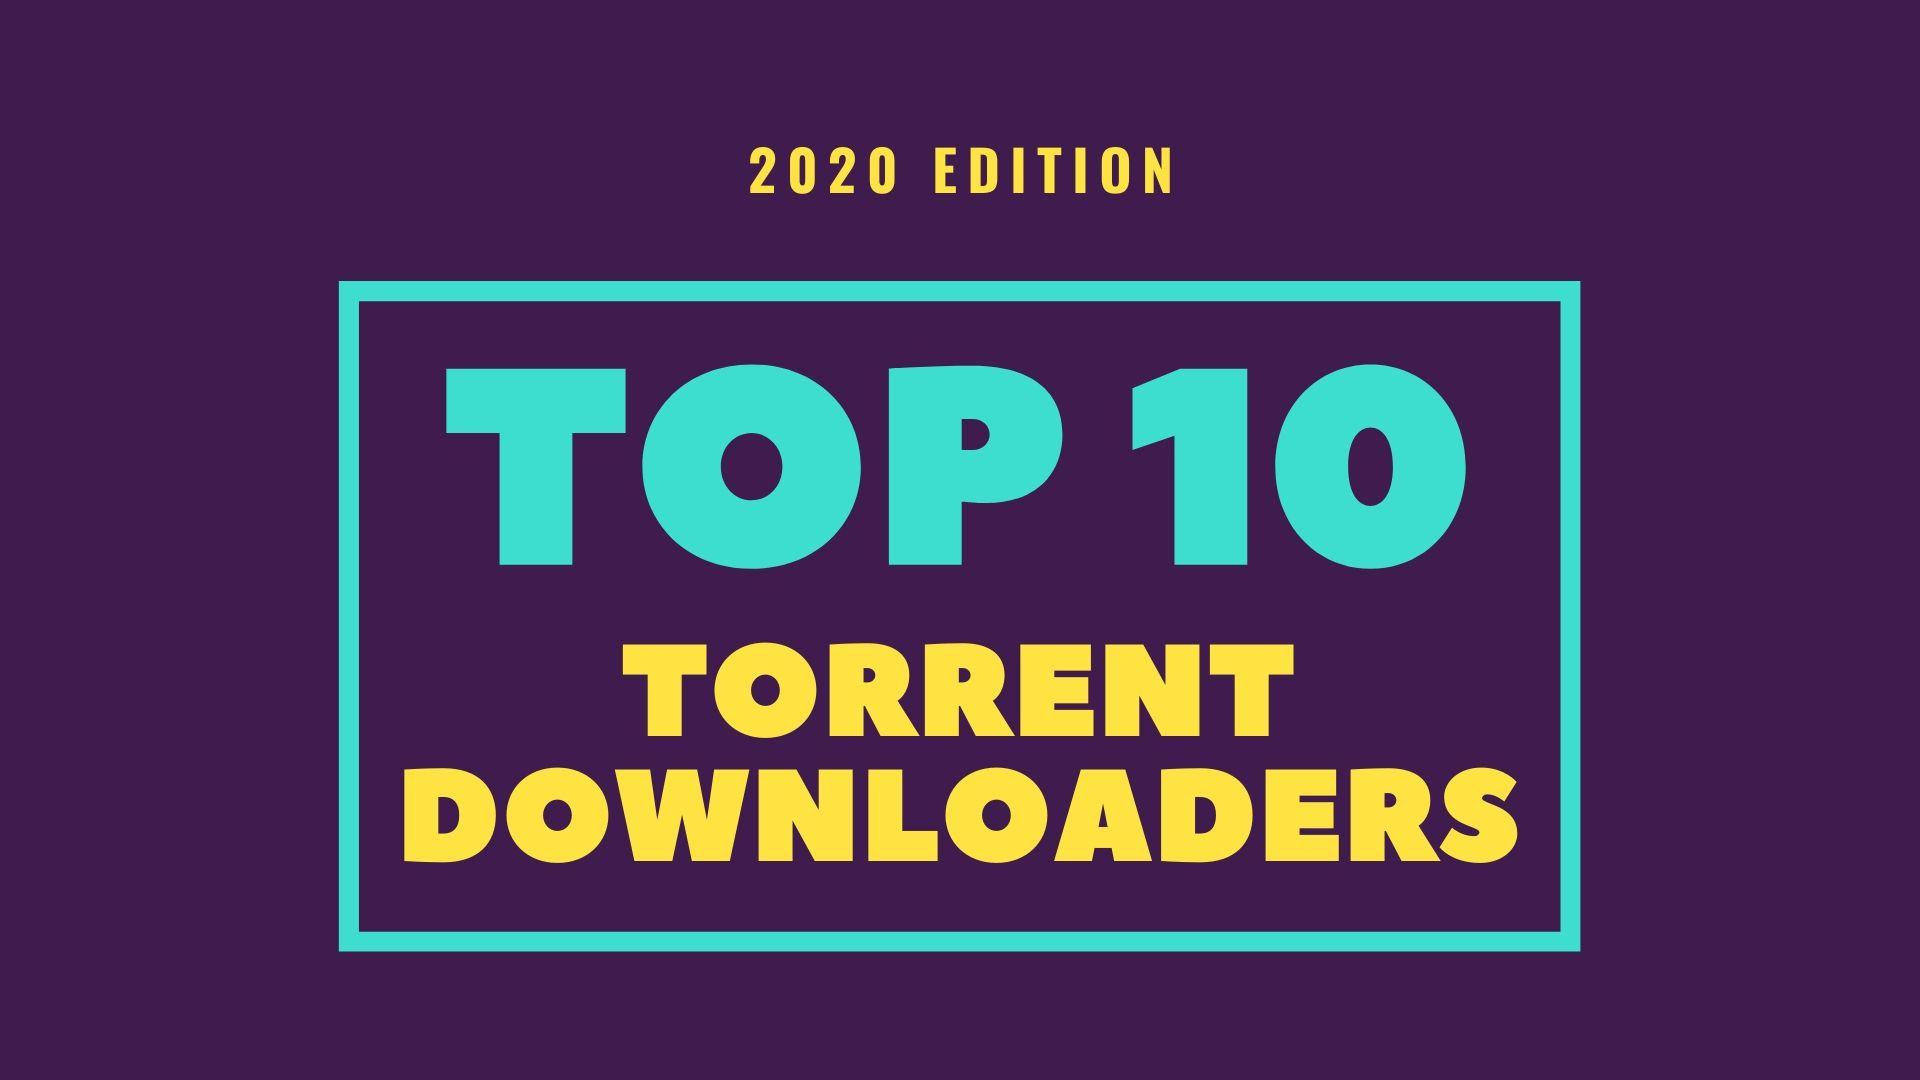 8 Les meilleurs clients torrent pour Windows Télécharger Torrents In 2020 1